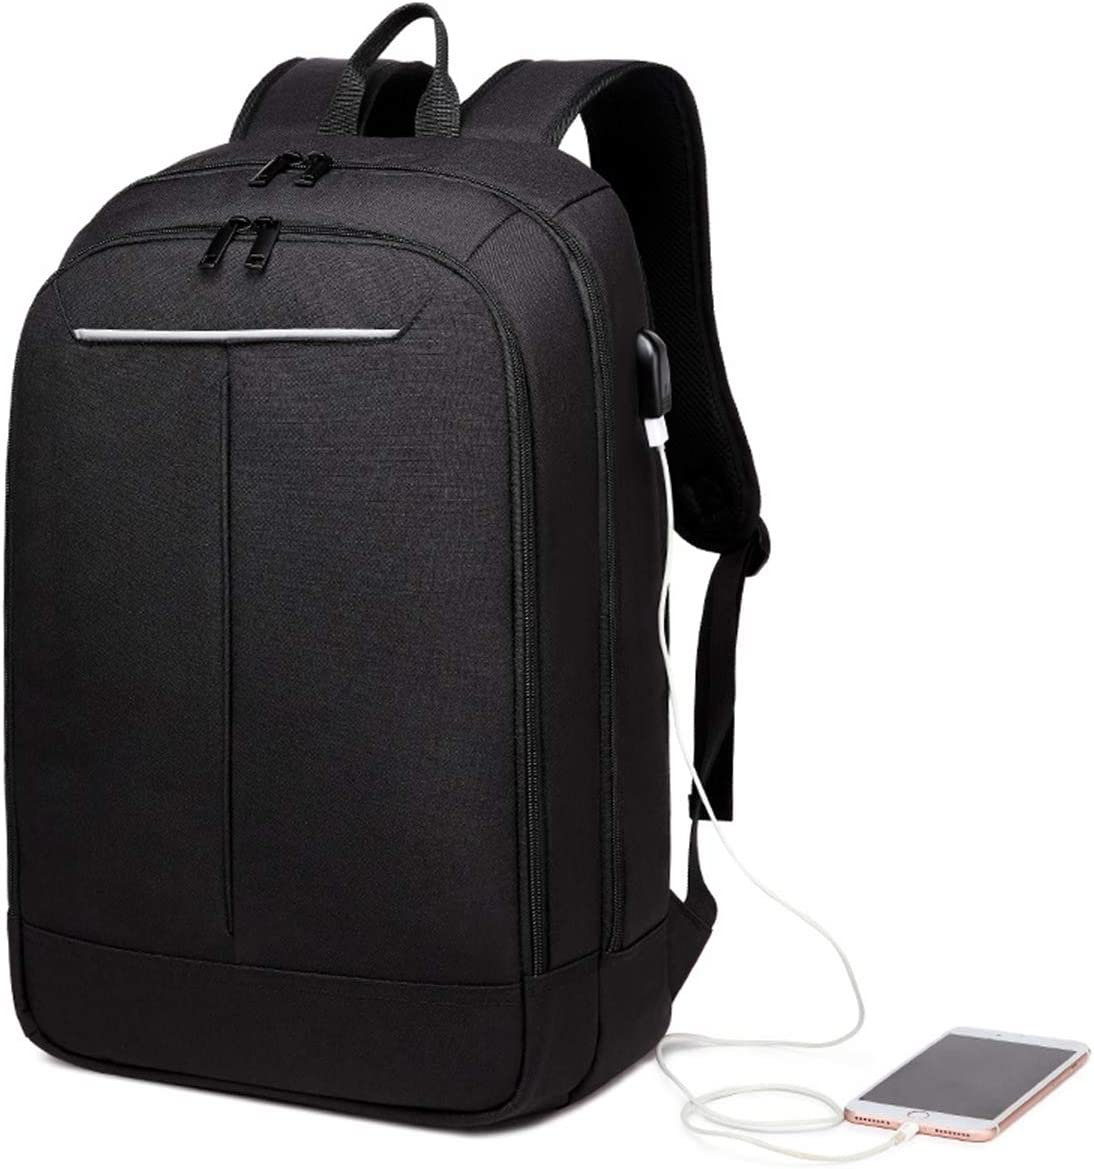 I Adult Backpacks Light Water Resistant Travel Laptop Bag 449 Uu-Z